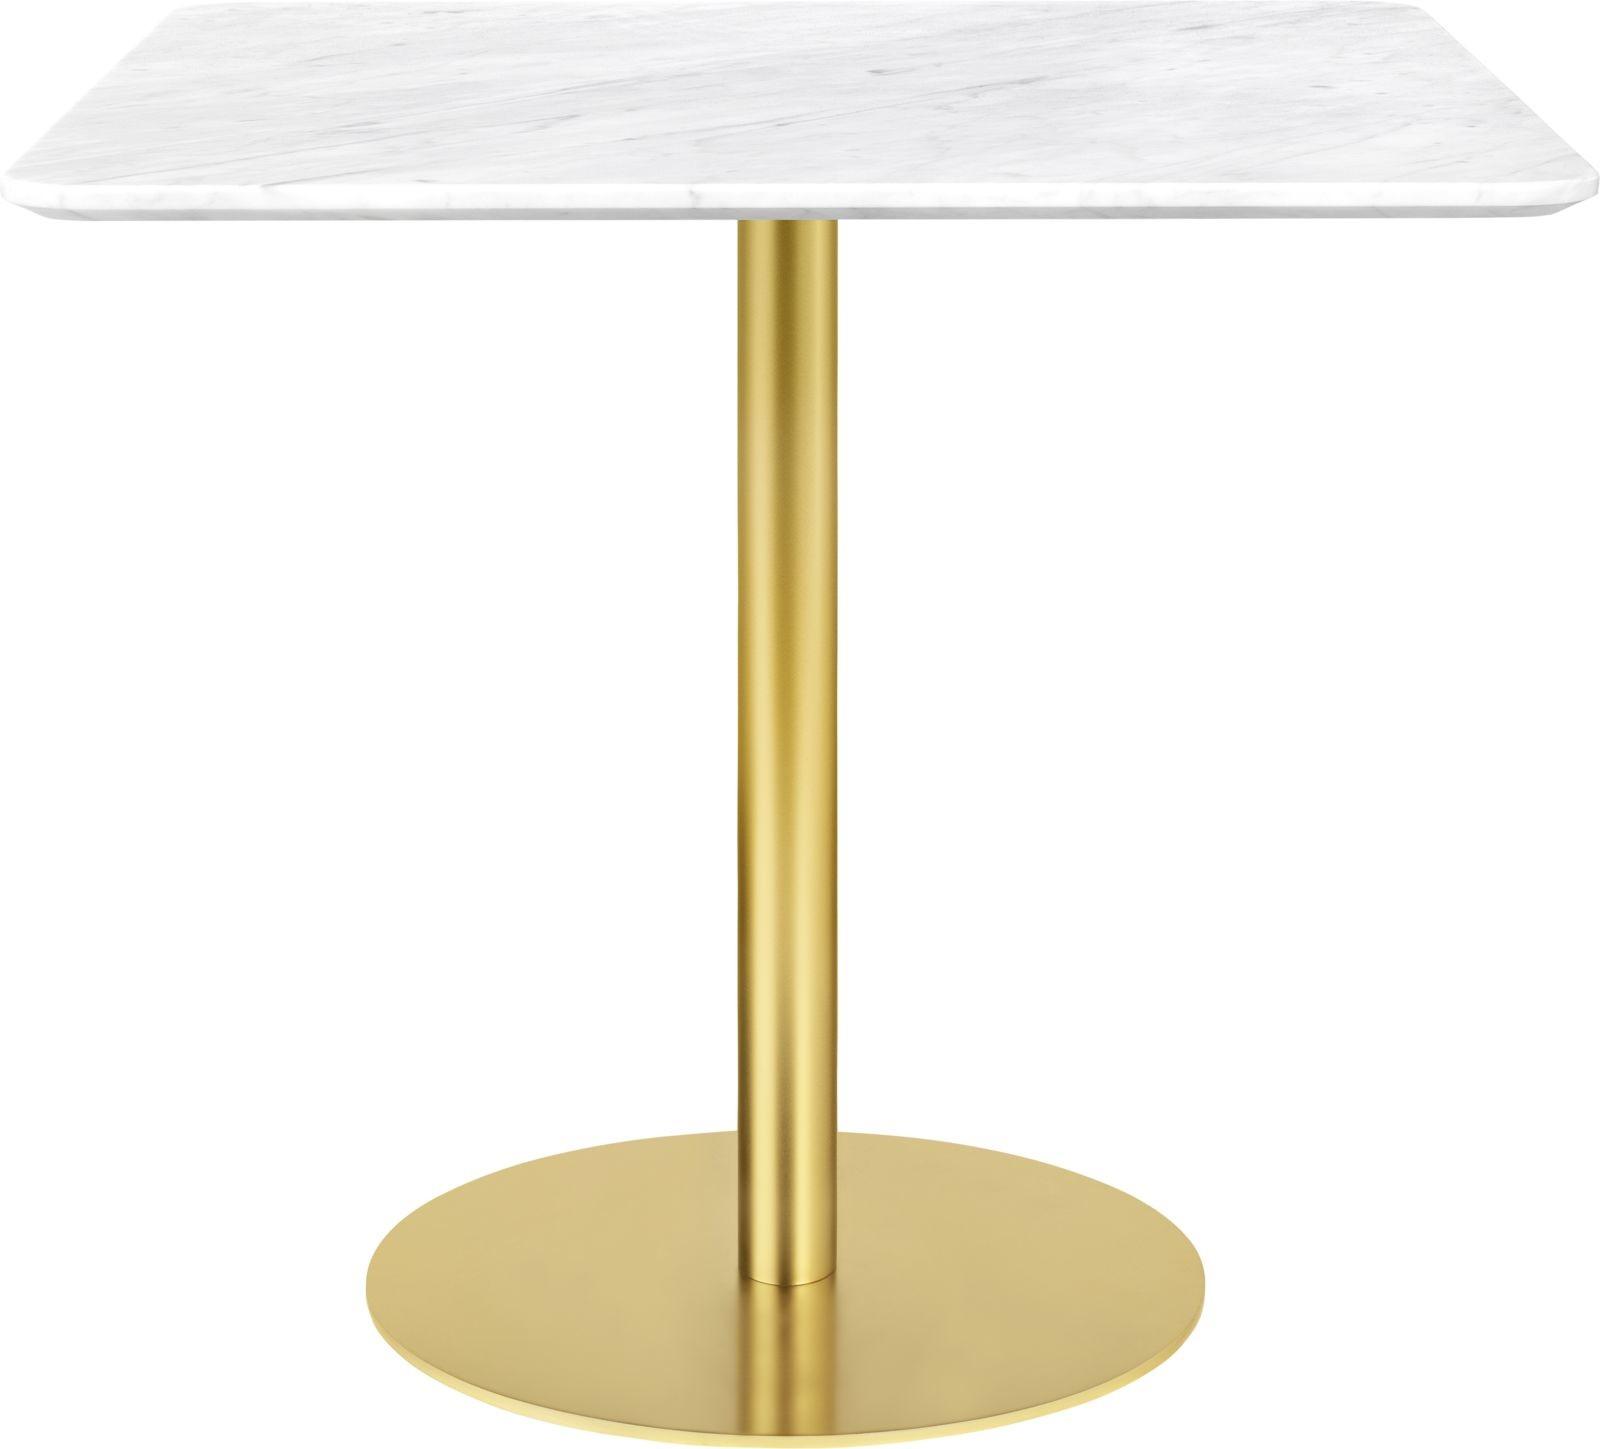 Gubi 1.0 Square Dining Table 80 x 80, Gubi Metal Brass, Gubi Marble Bianco Carrara